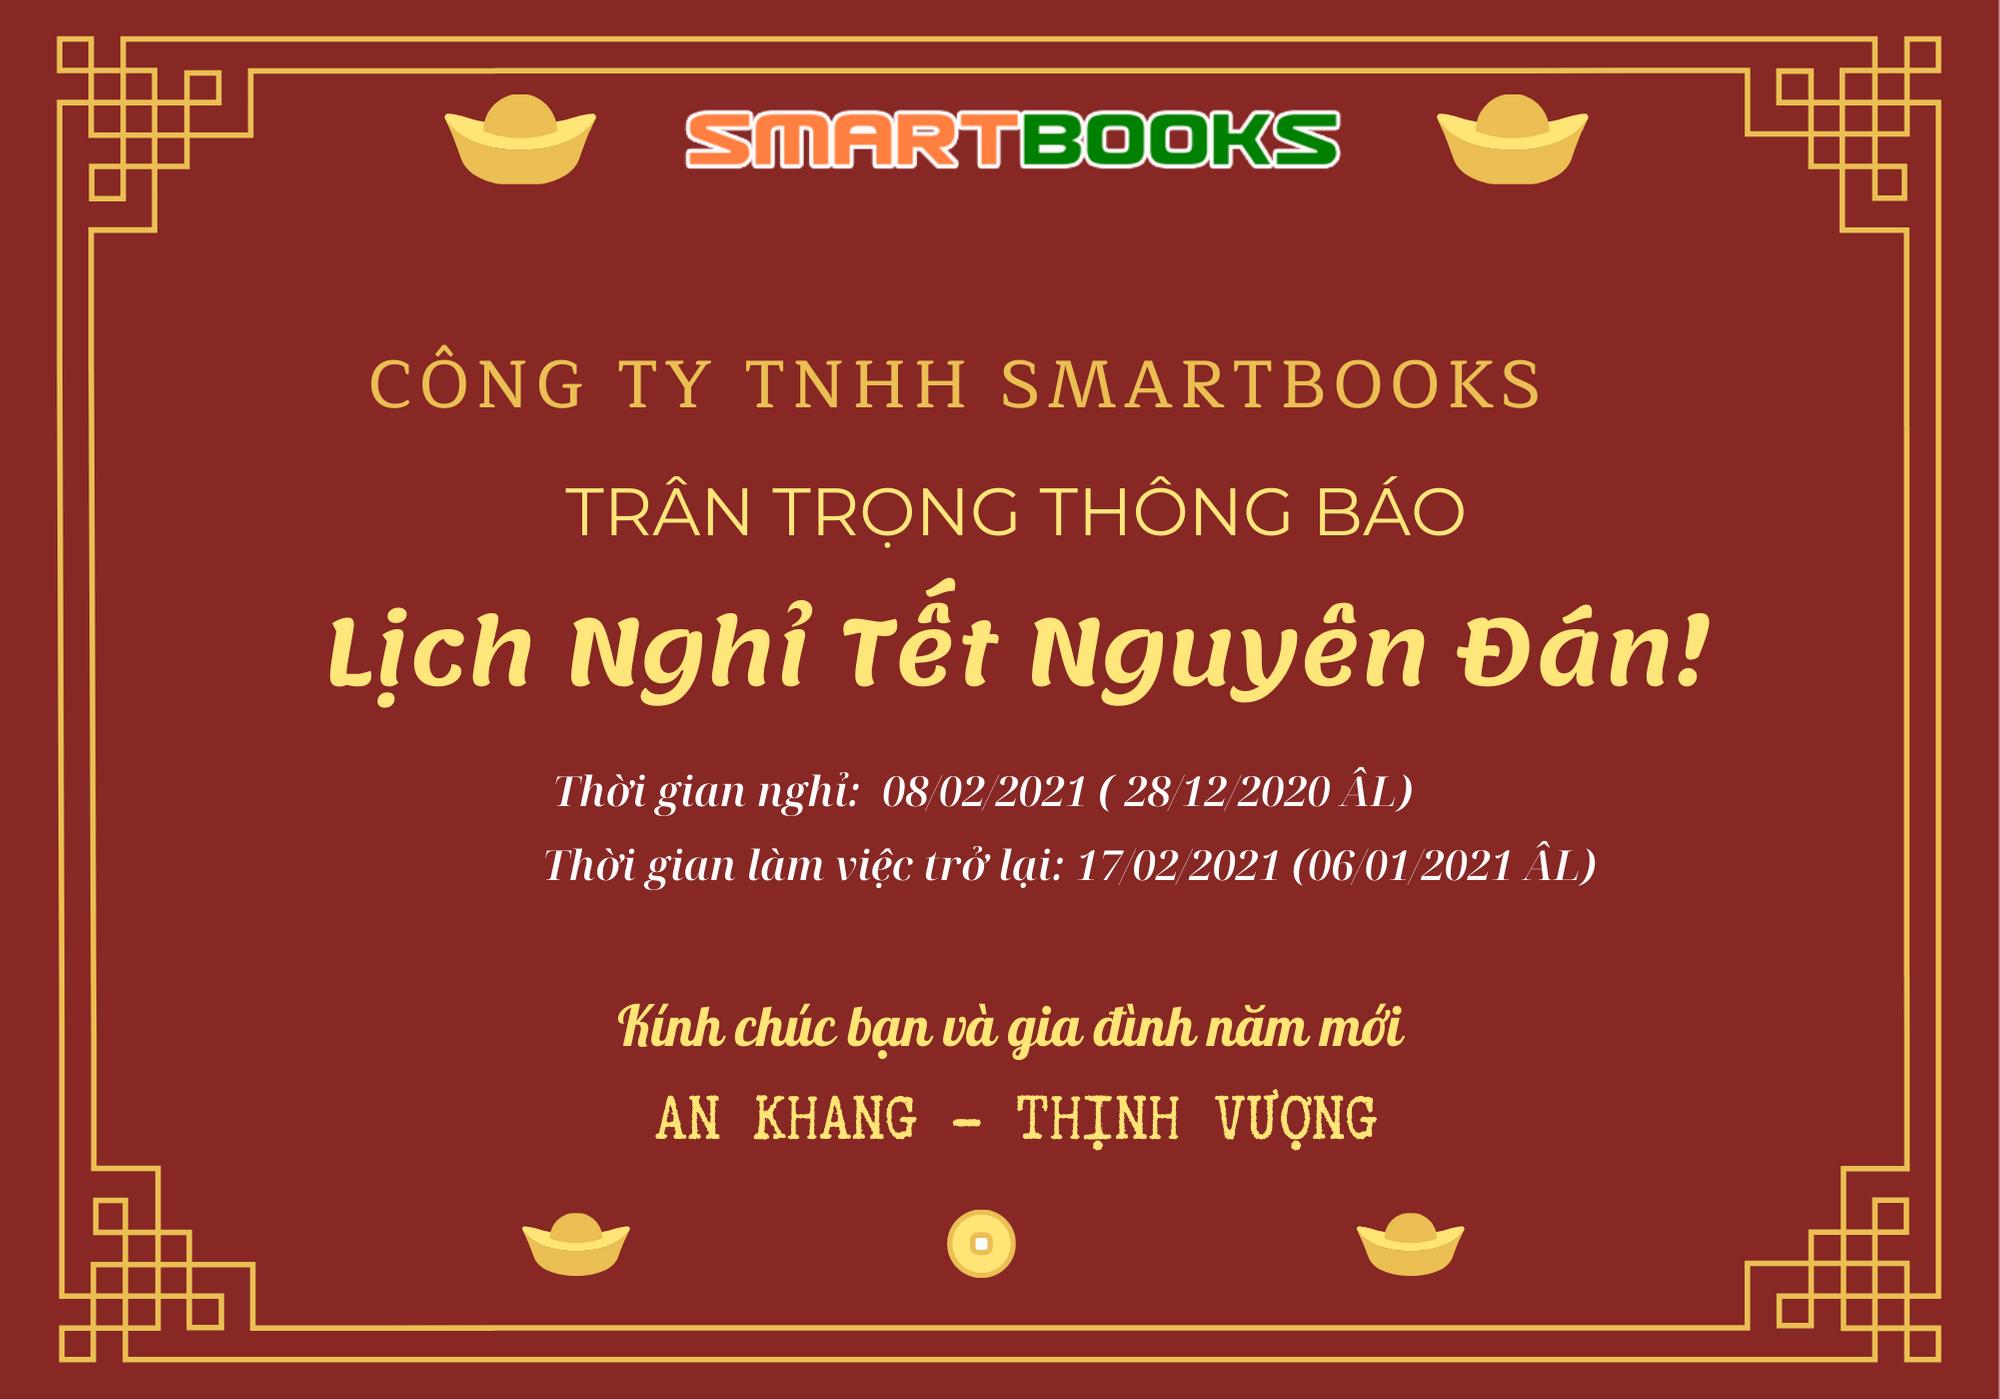 SmartBooks thông báo lịch nghỉ Tết nguyên đán năm 2021